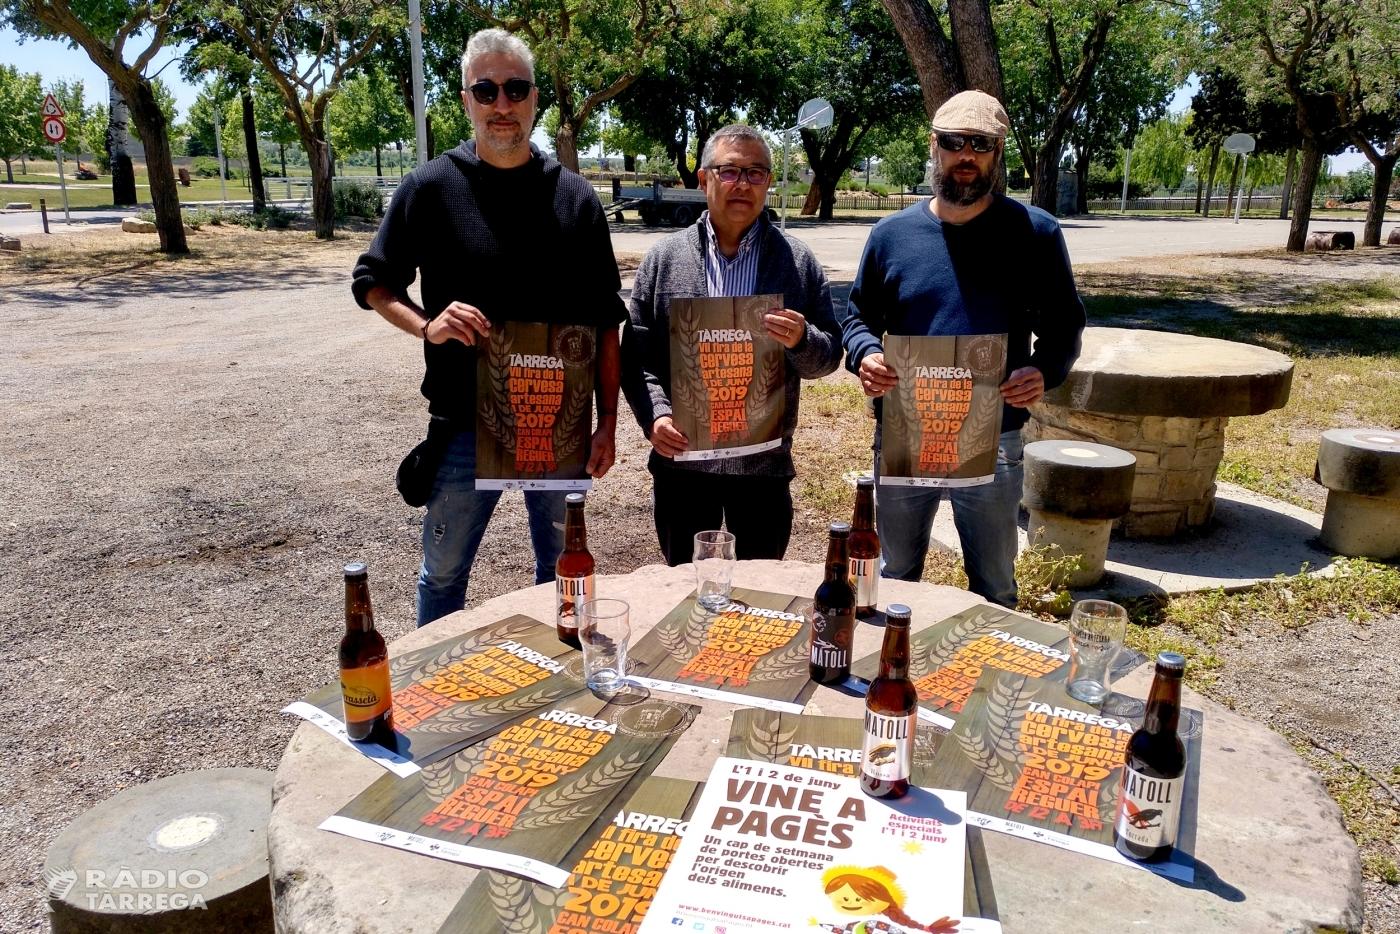 La 7a Fira de la Cervesa Artesana de Tàrrega se celebrarà el dissabte 1 de juny i aplegarà per primera vegada tots els elaboradors lleidatans amb marca pròpia